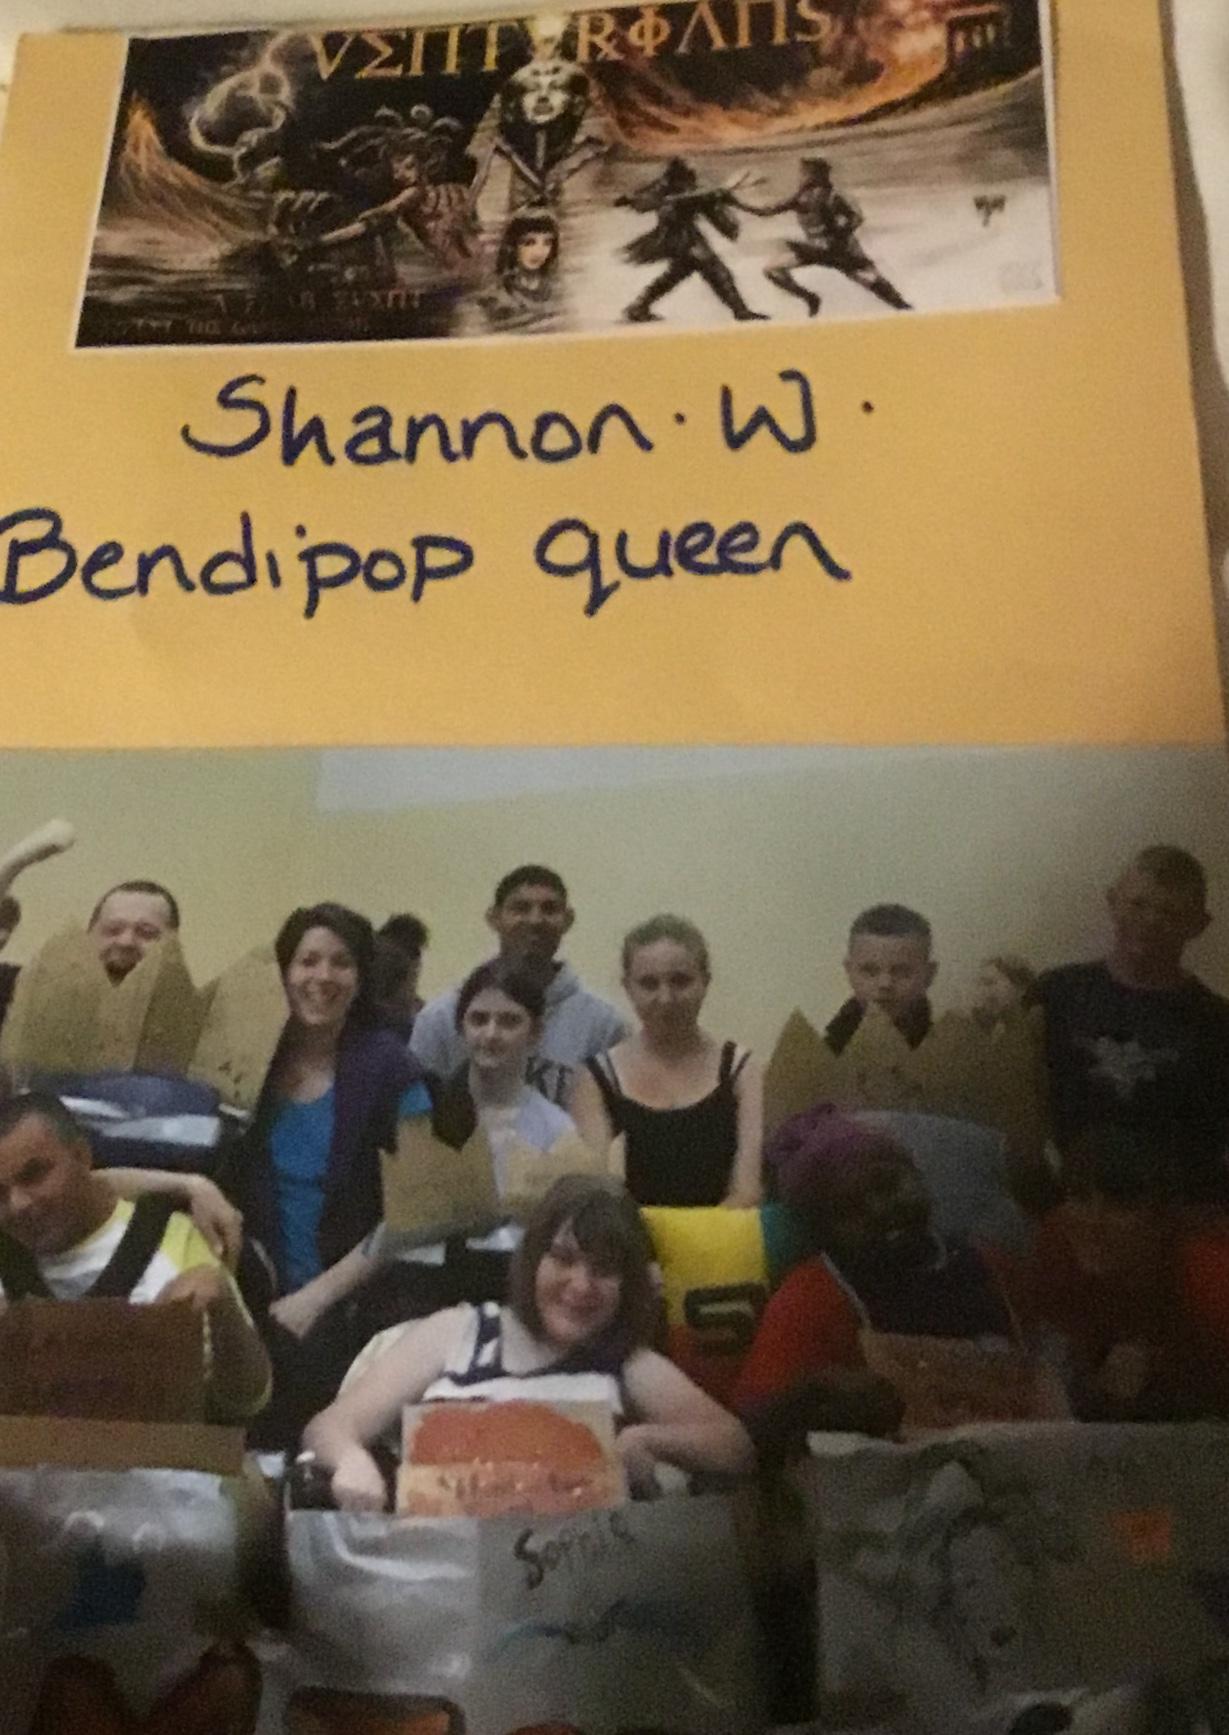 Bendipop queen award (leaflet)